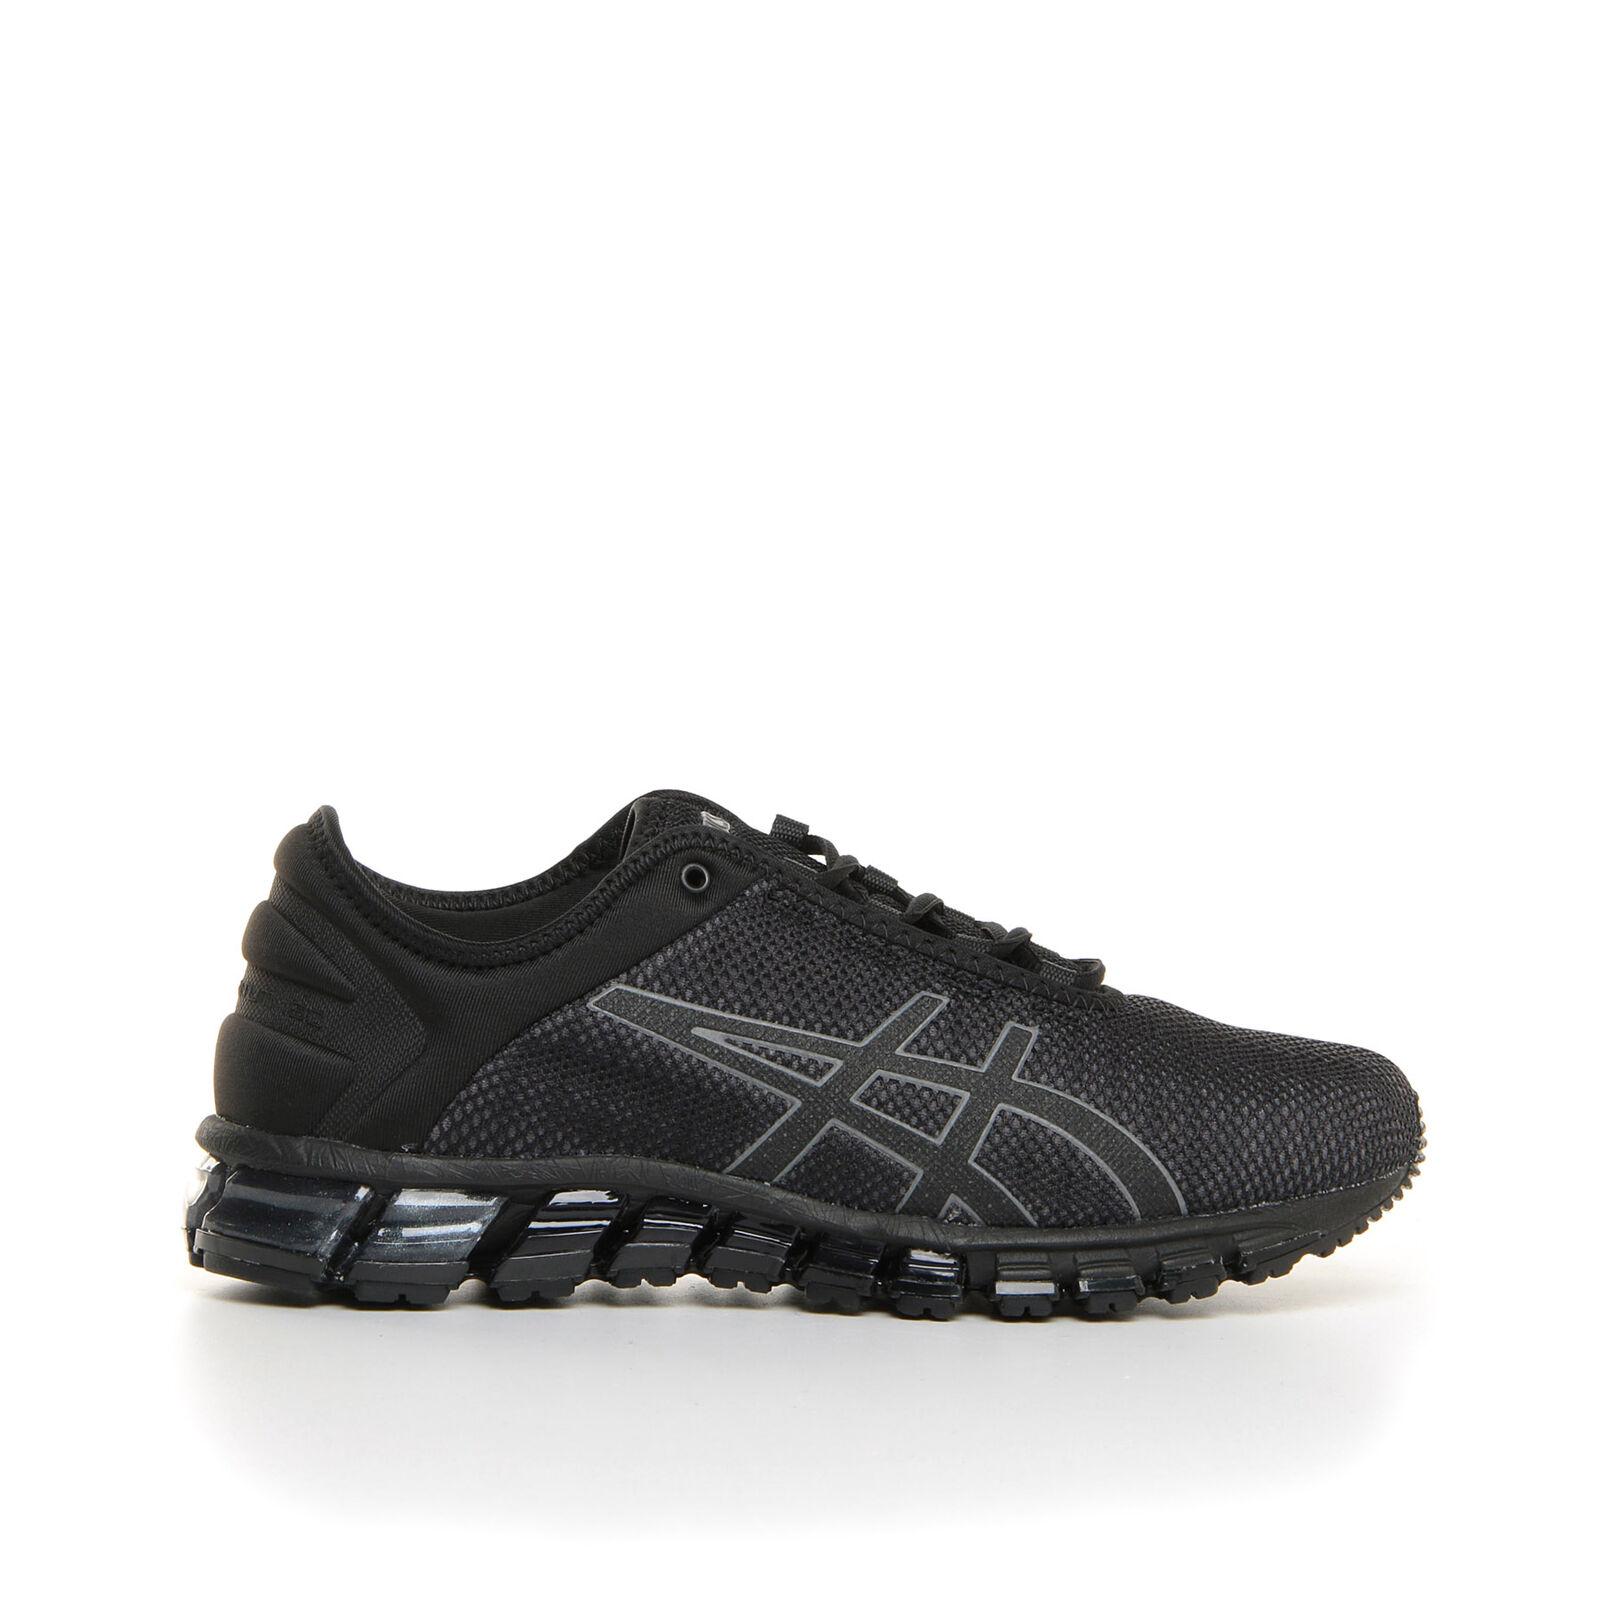 ASICS GEL QUANTUM 180 3 MX shoes DE COURSE POUR HOMME 1021A042 001